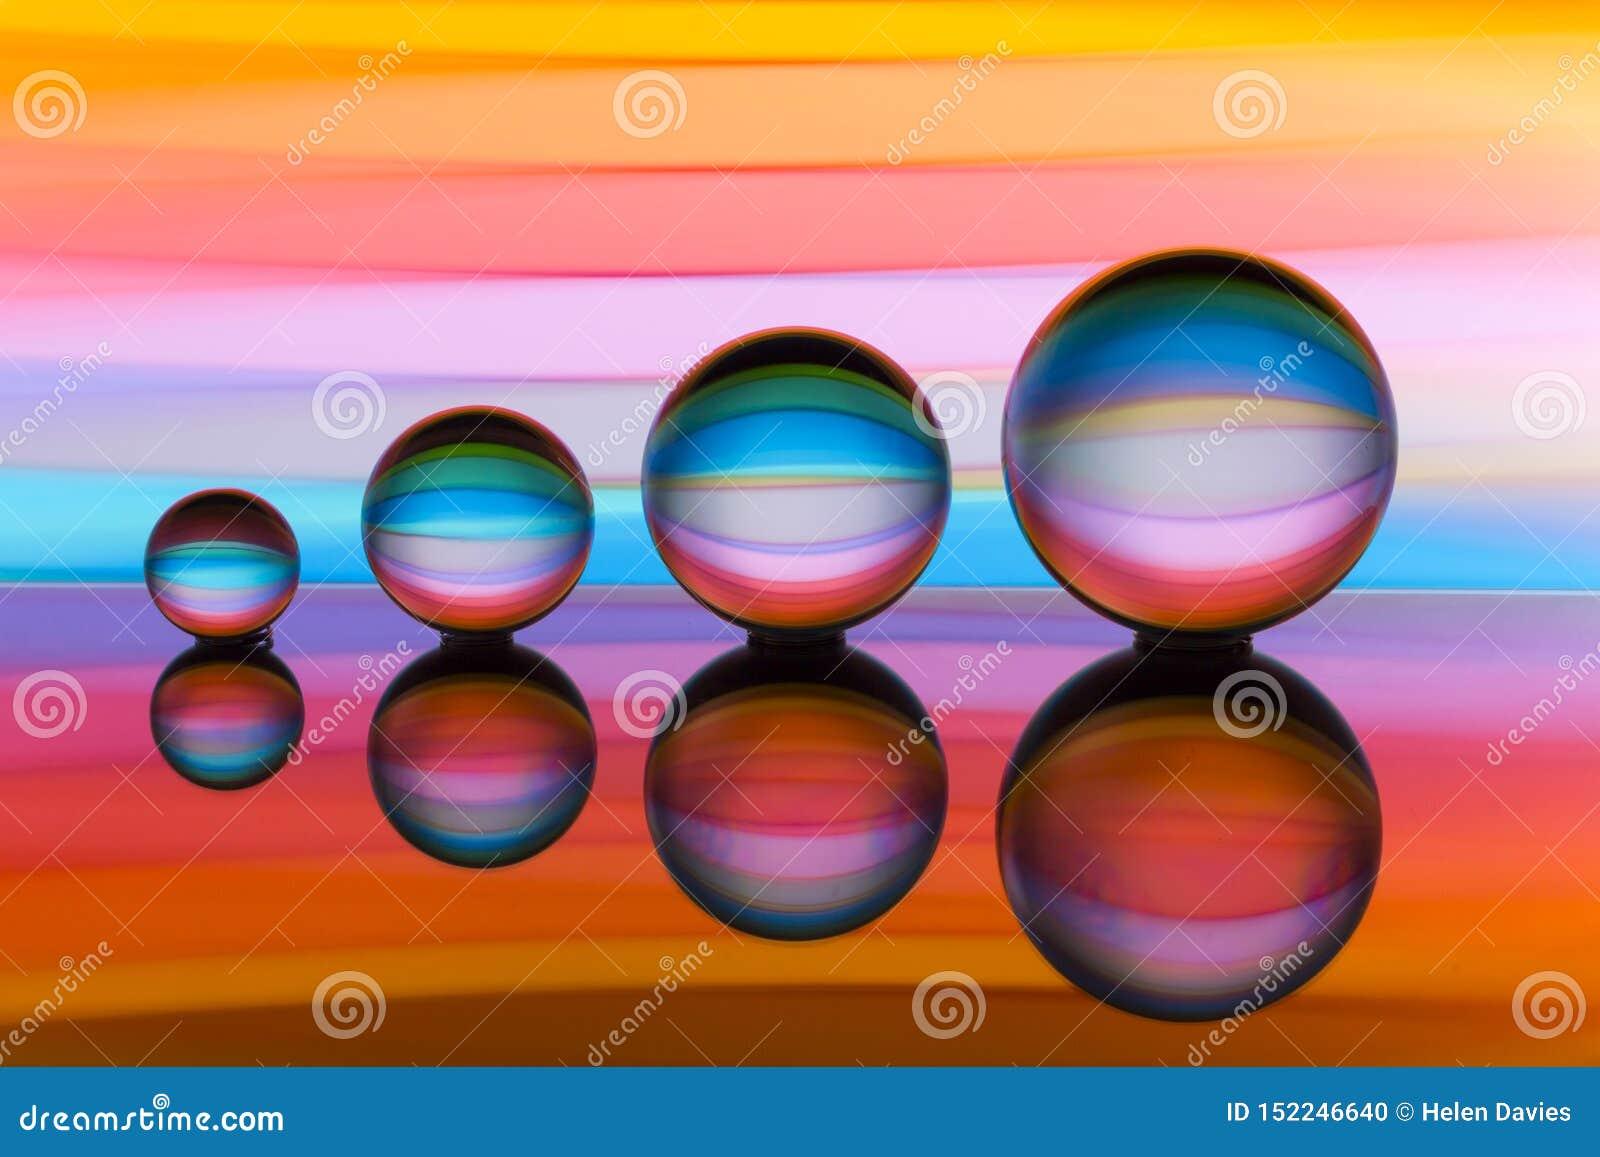 四个水晶球连续与彩虹颜色五颜六色的条纹在他们后的